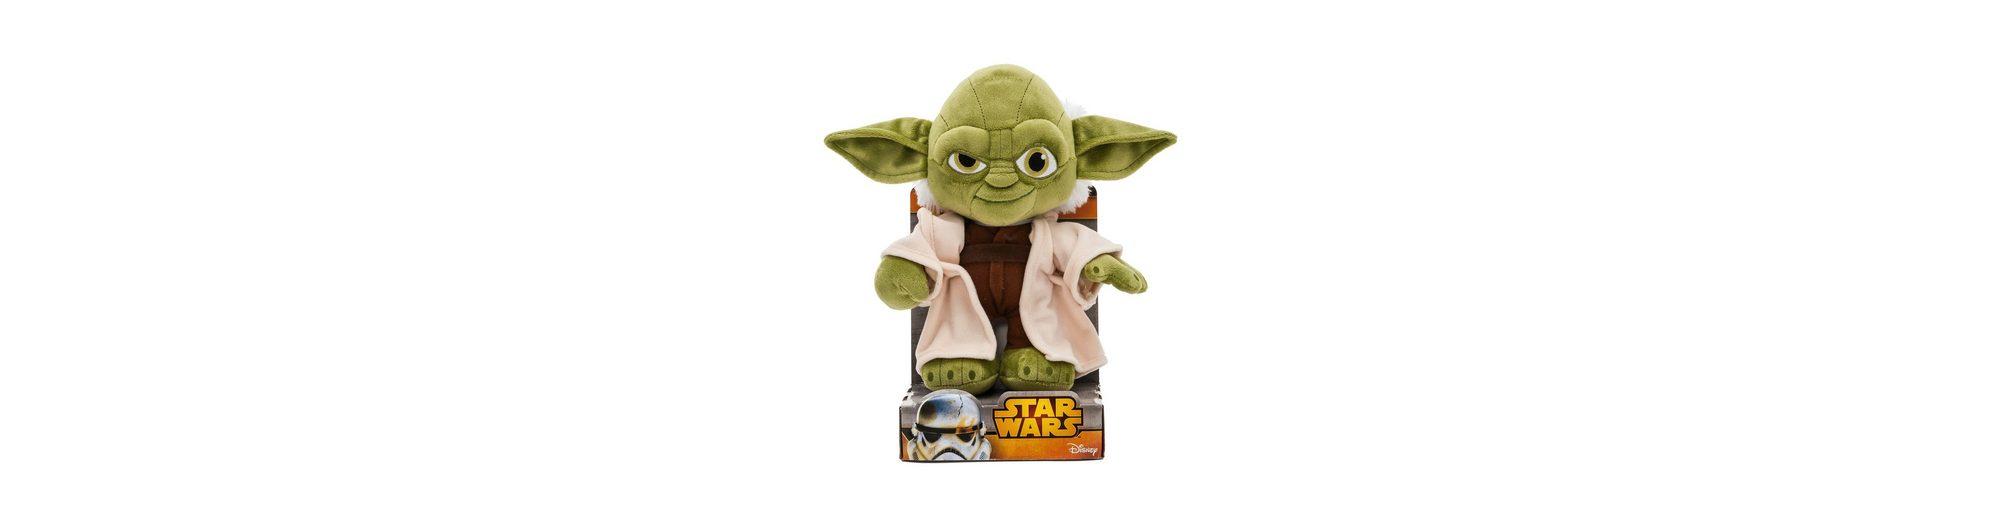 JOY TOY Plüschfigur, »Star Wars Yoda«